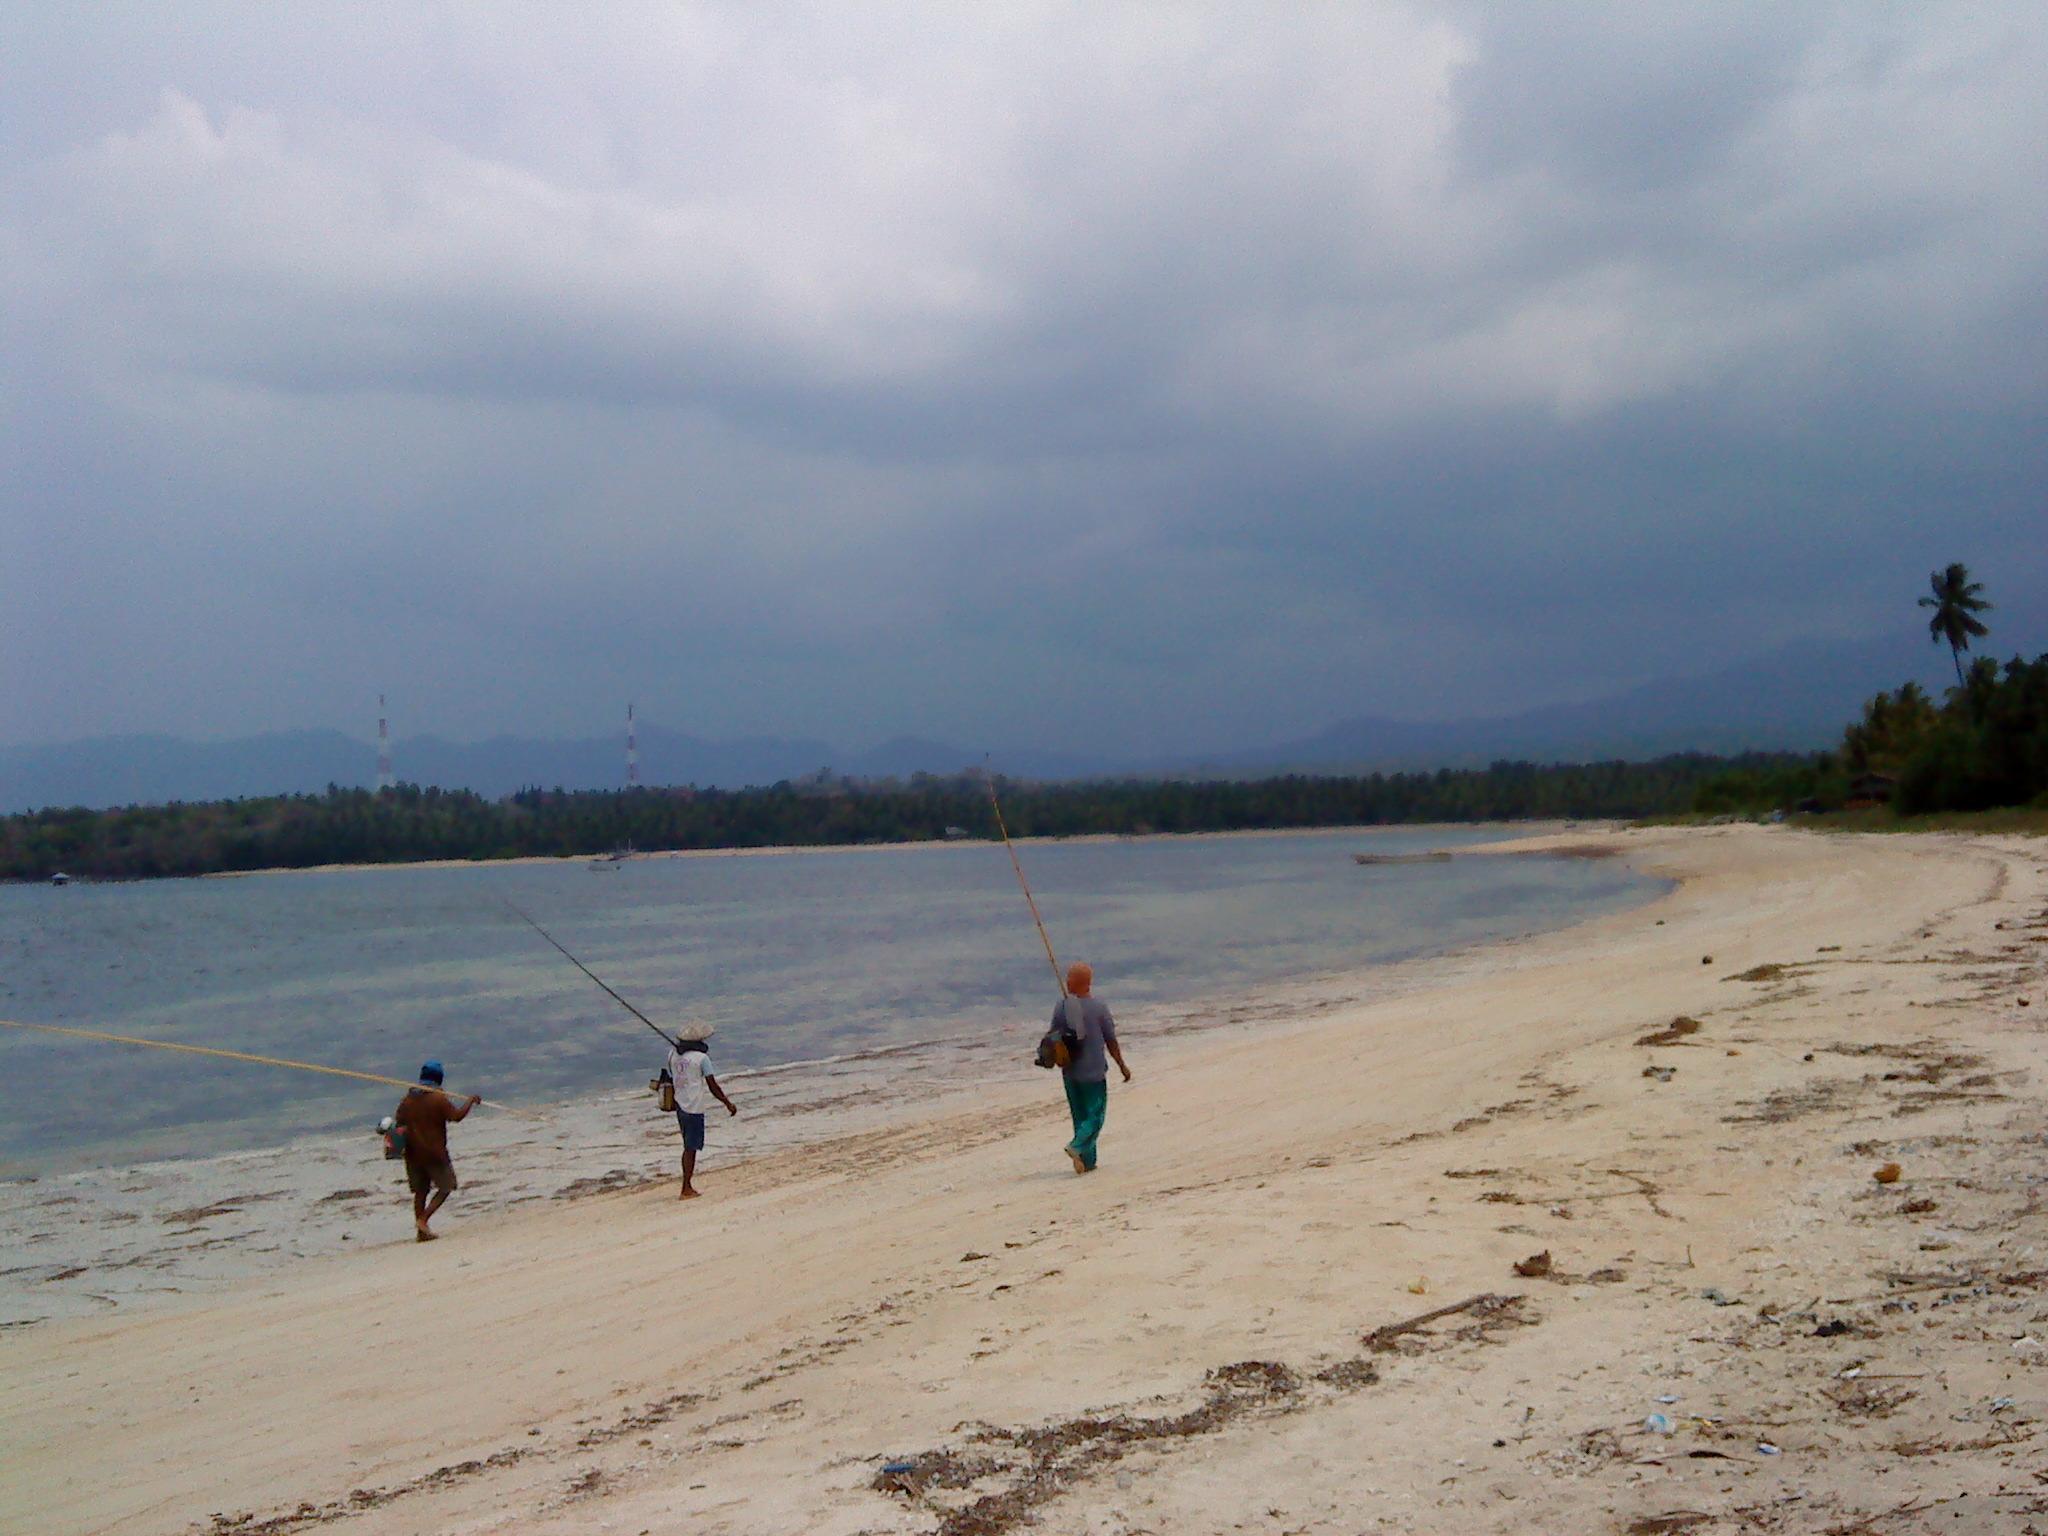 Pantai Sire Lovely Baby Dipantai Tidak Terlalu Senggigi Pantainya Landai